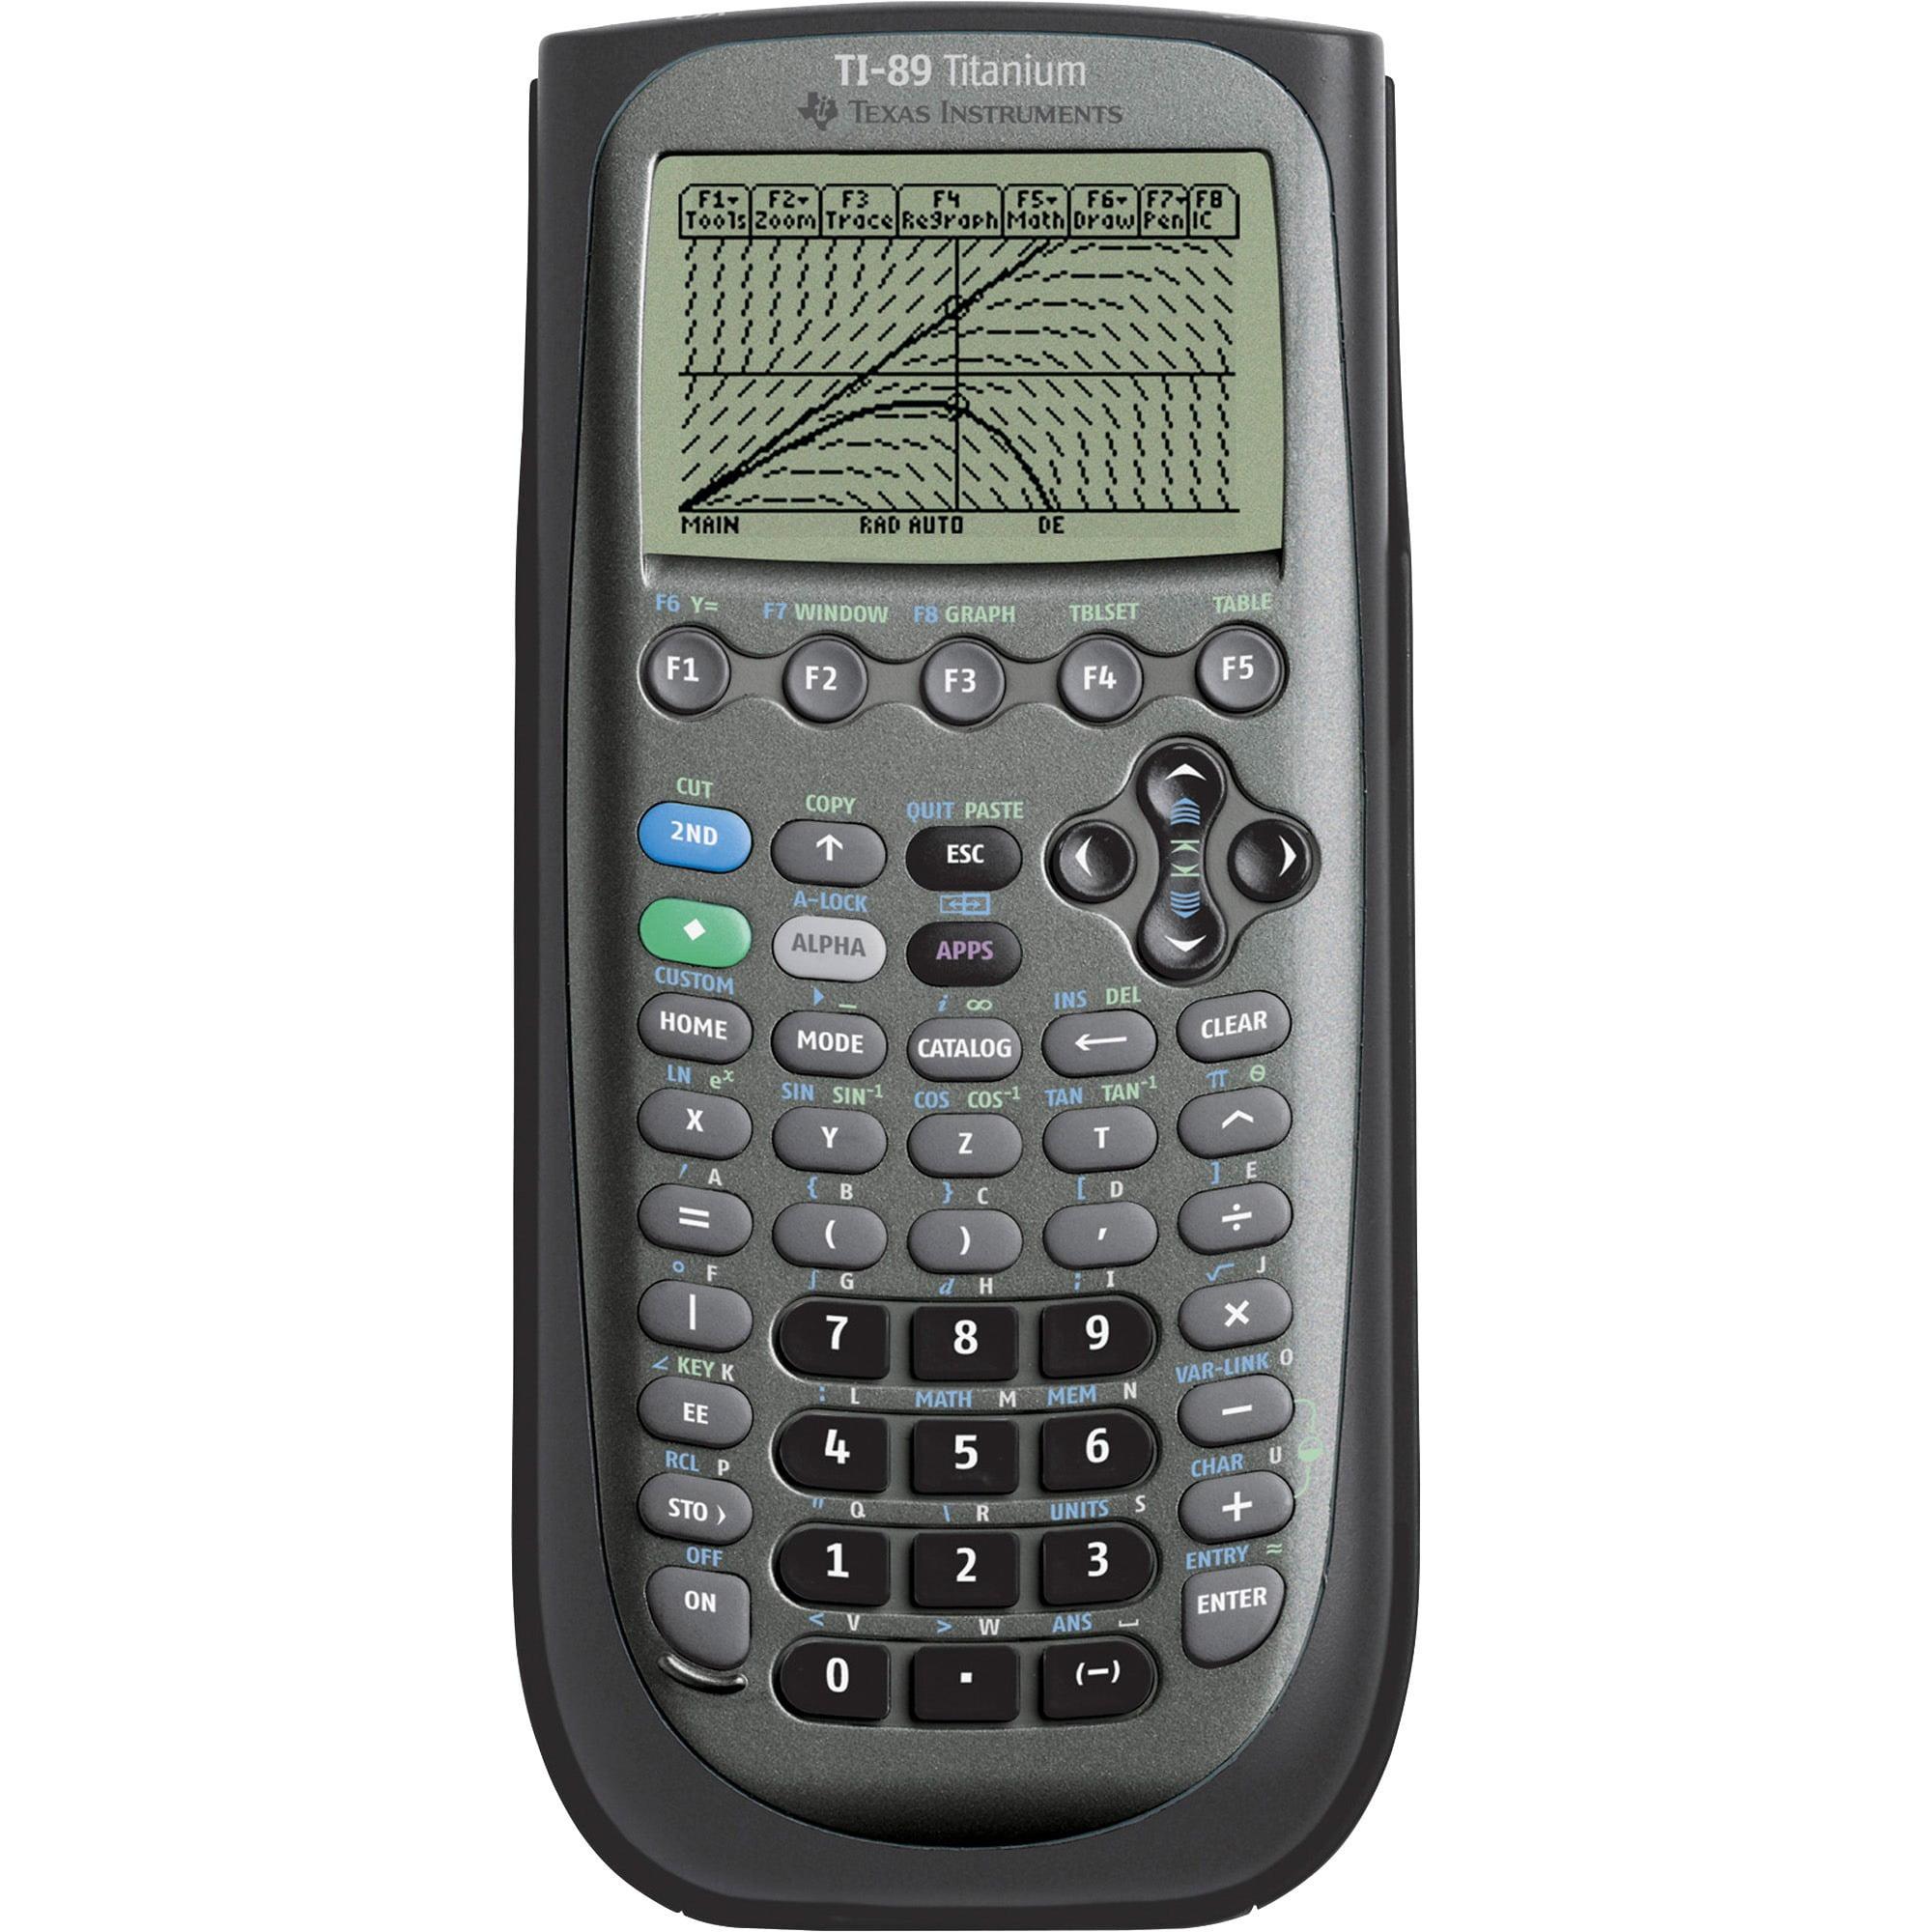 Texas Instruments, TEXTI89TITANIUM, TI-89 Titanium Graphing Calculator, 1 Each, Black